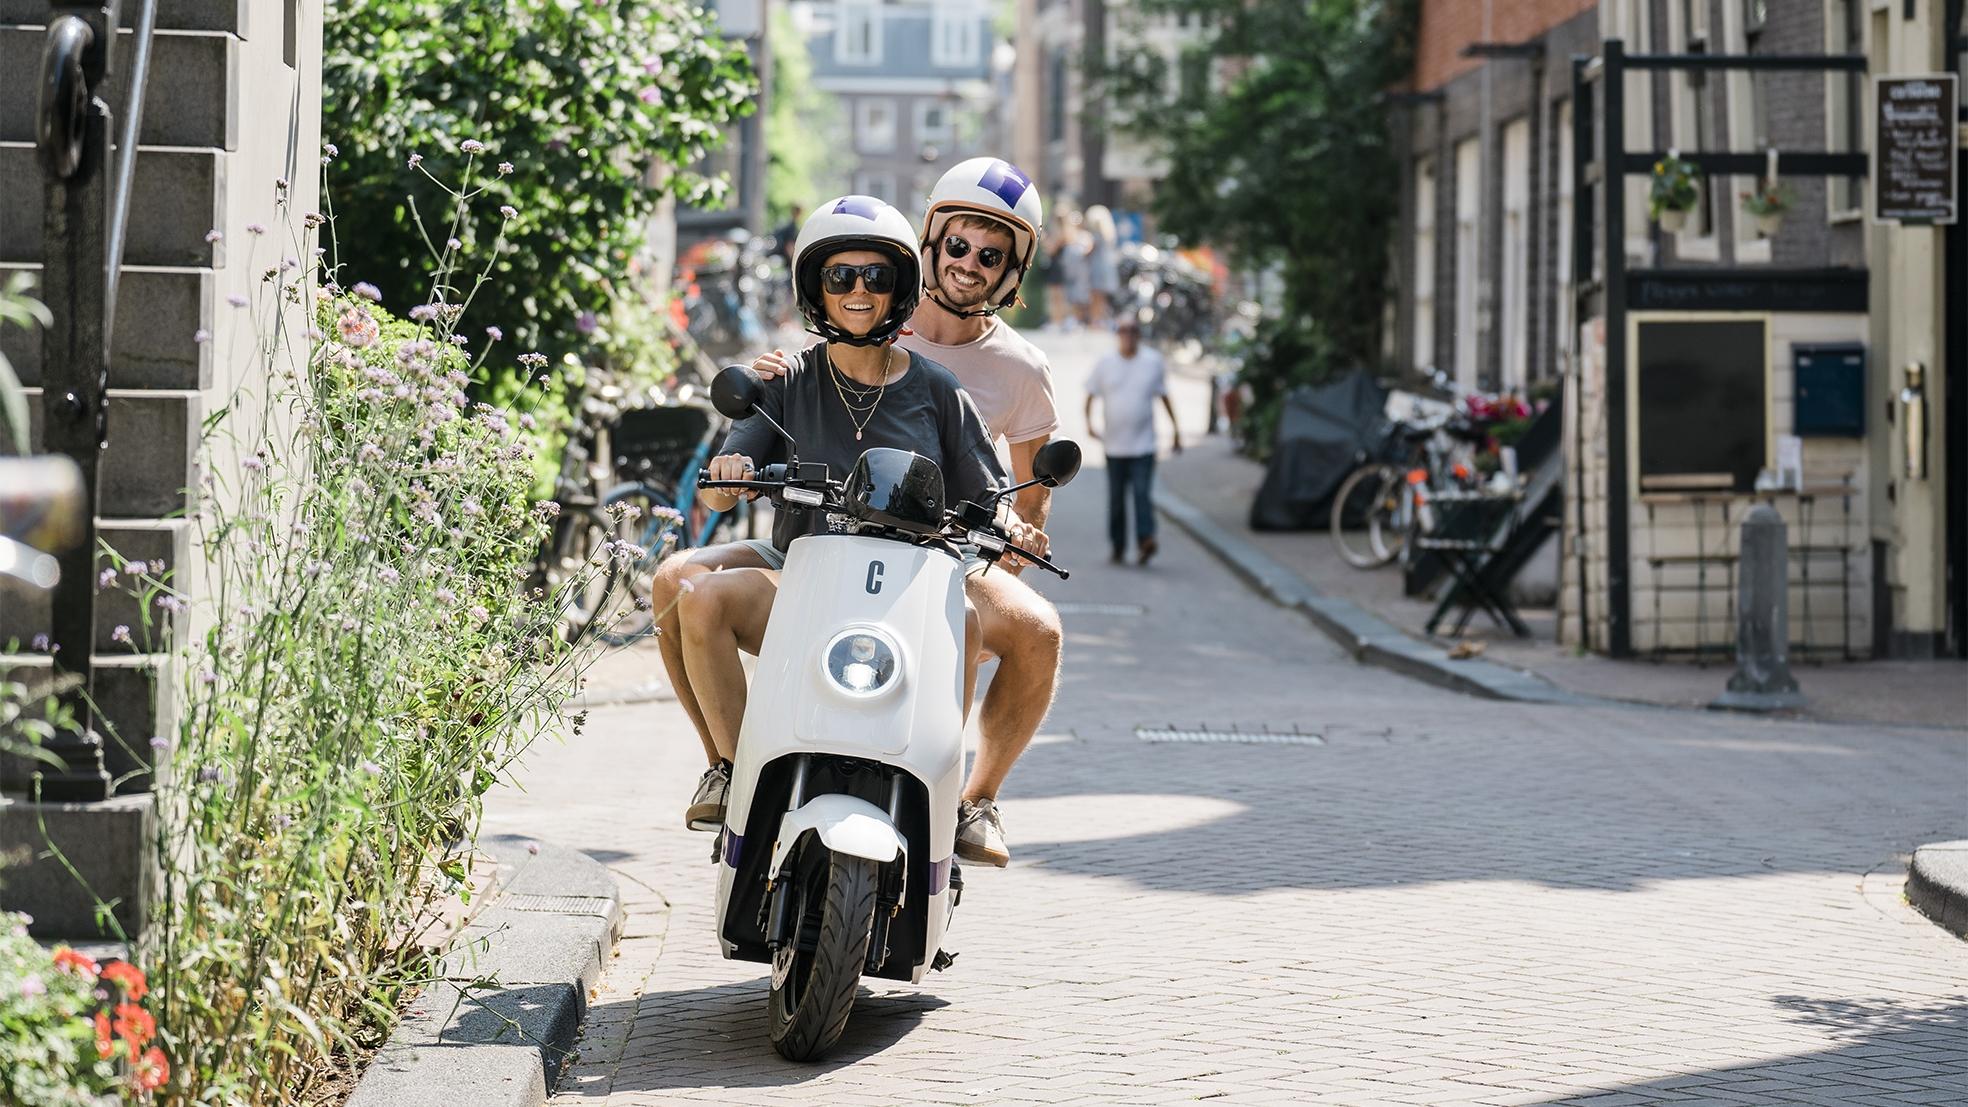 Check deelscooter amsterdam mensen